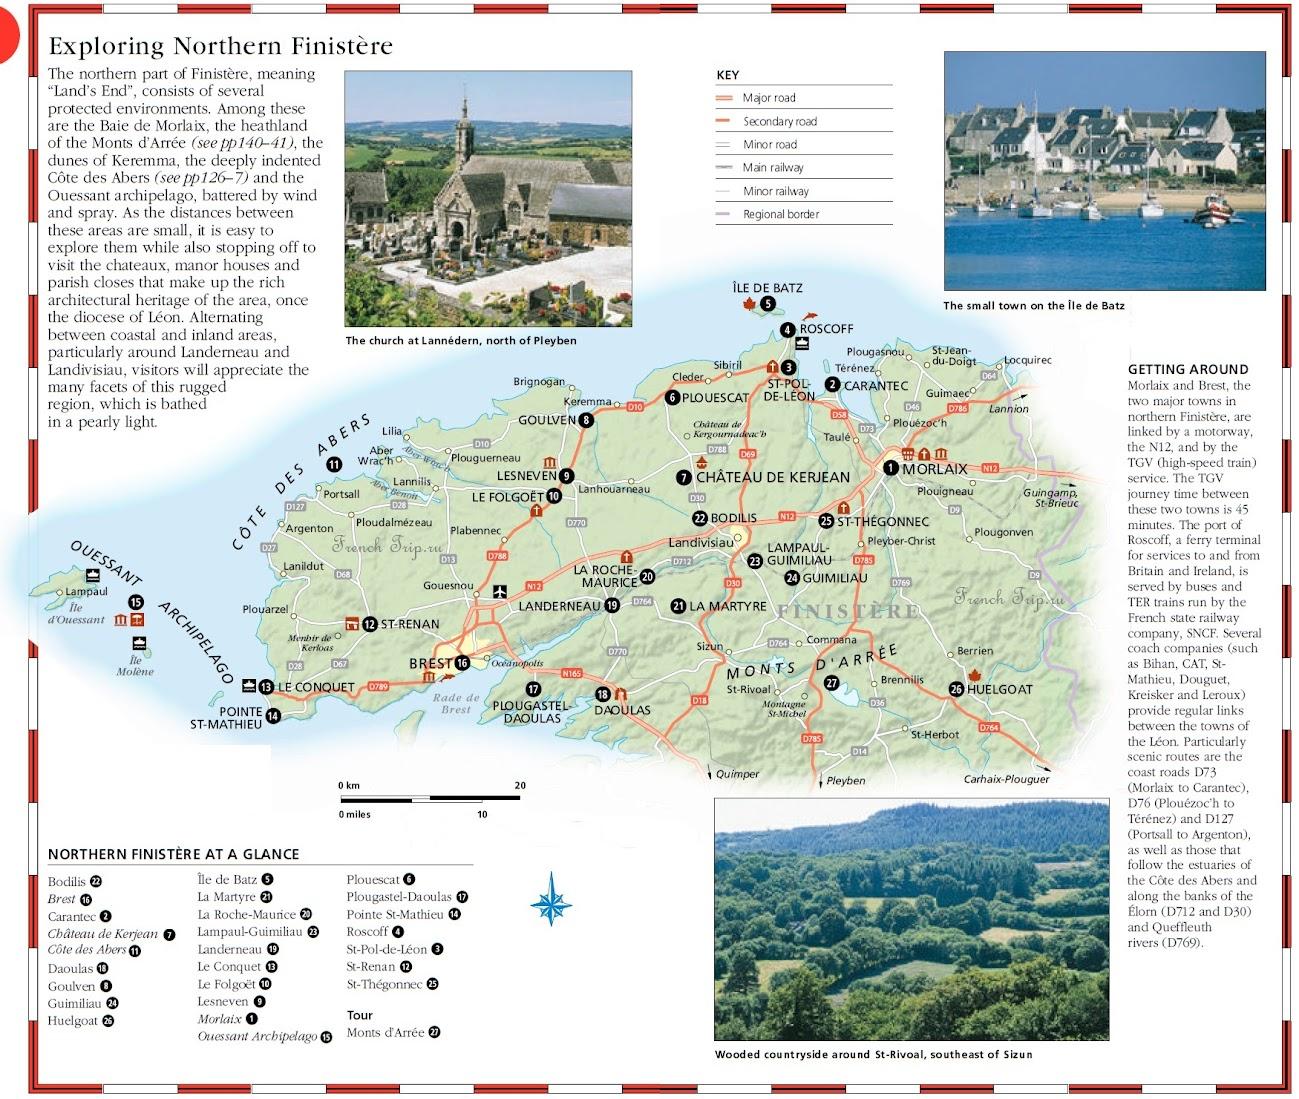 Карта и достопримечательности севера департамента Finistere - Карта Бретани - скачать бесплатно - достопримечательности, города, регионы, схема дорог. Что посмотреть в Бретани. Путеводитель по Бретани и Франции.